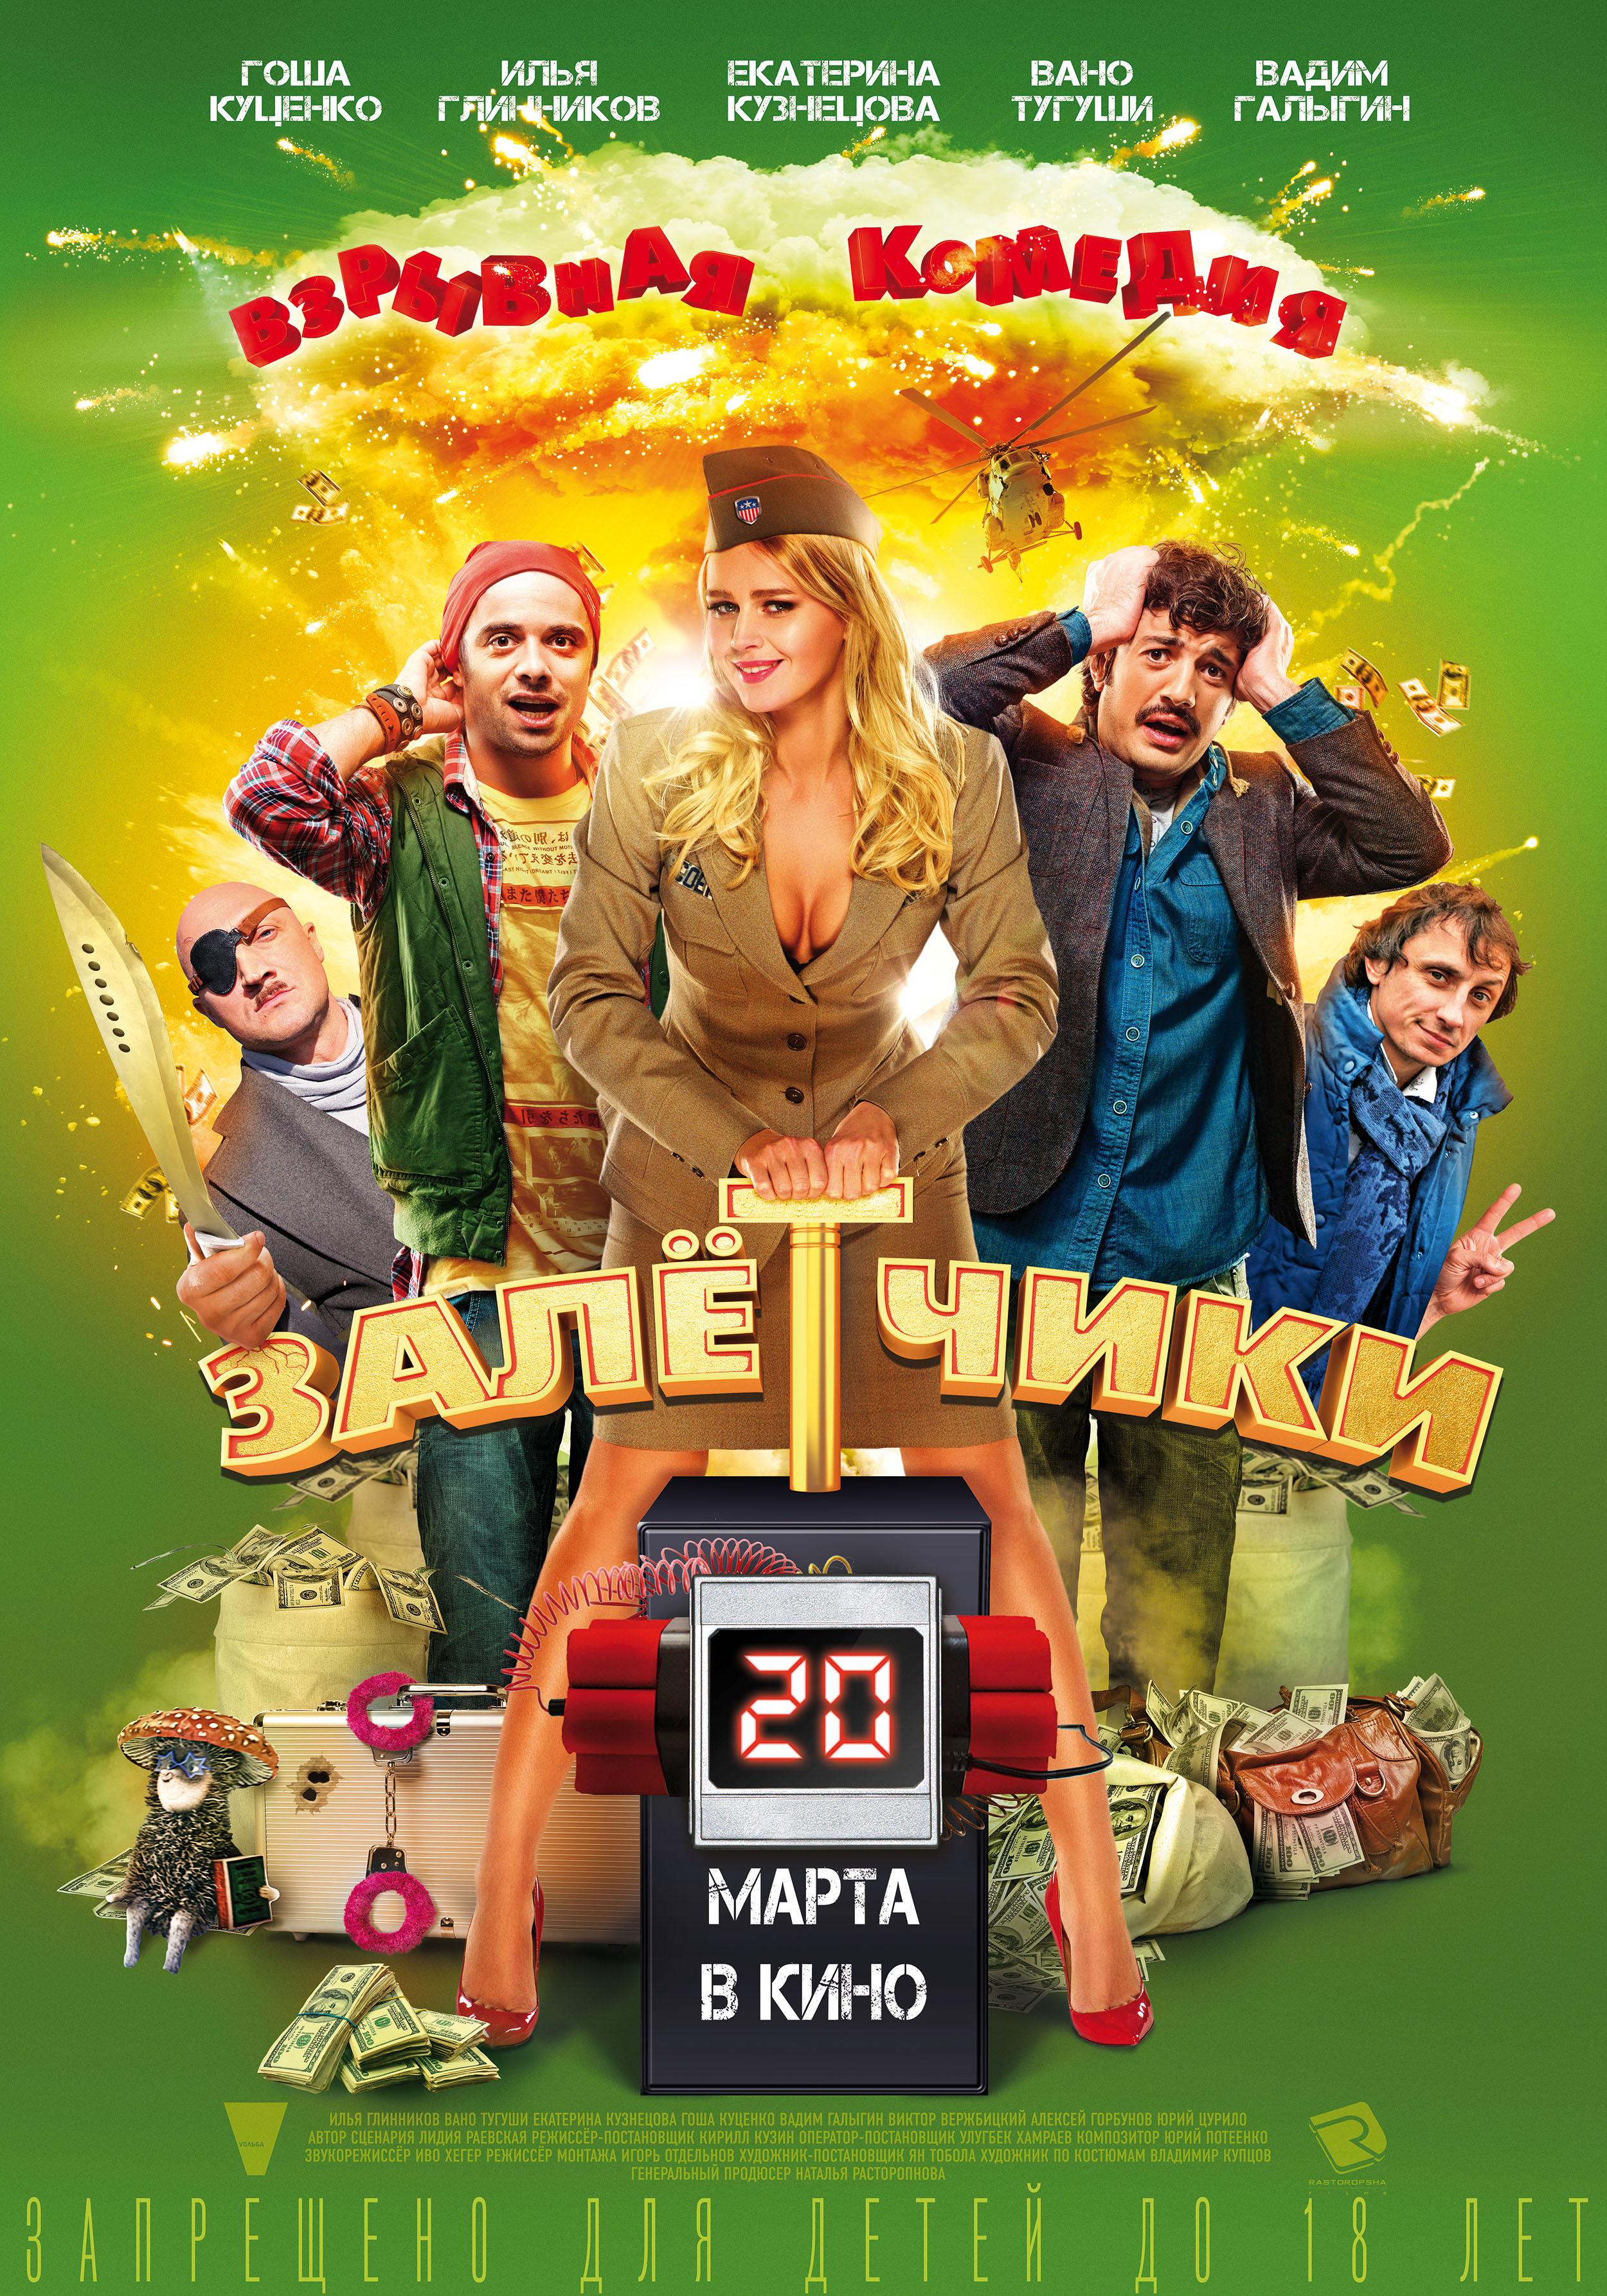 Смотреть фильмы онлайн бесплатно в хорошем качестве кино